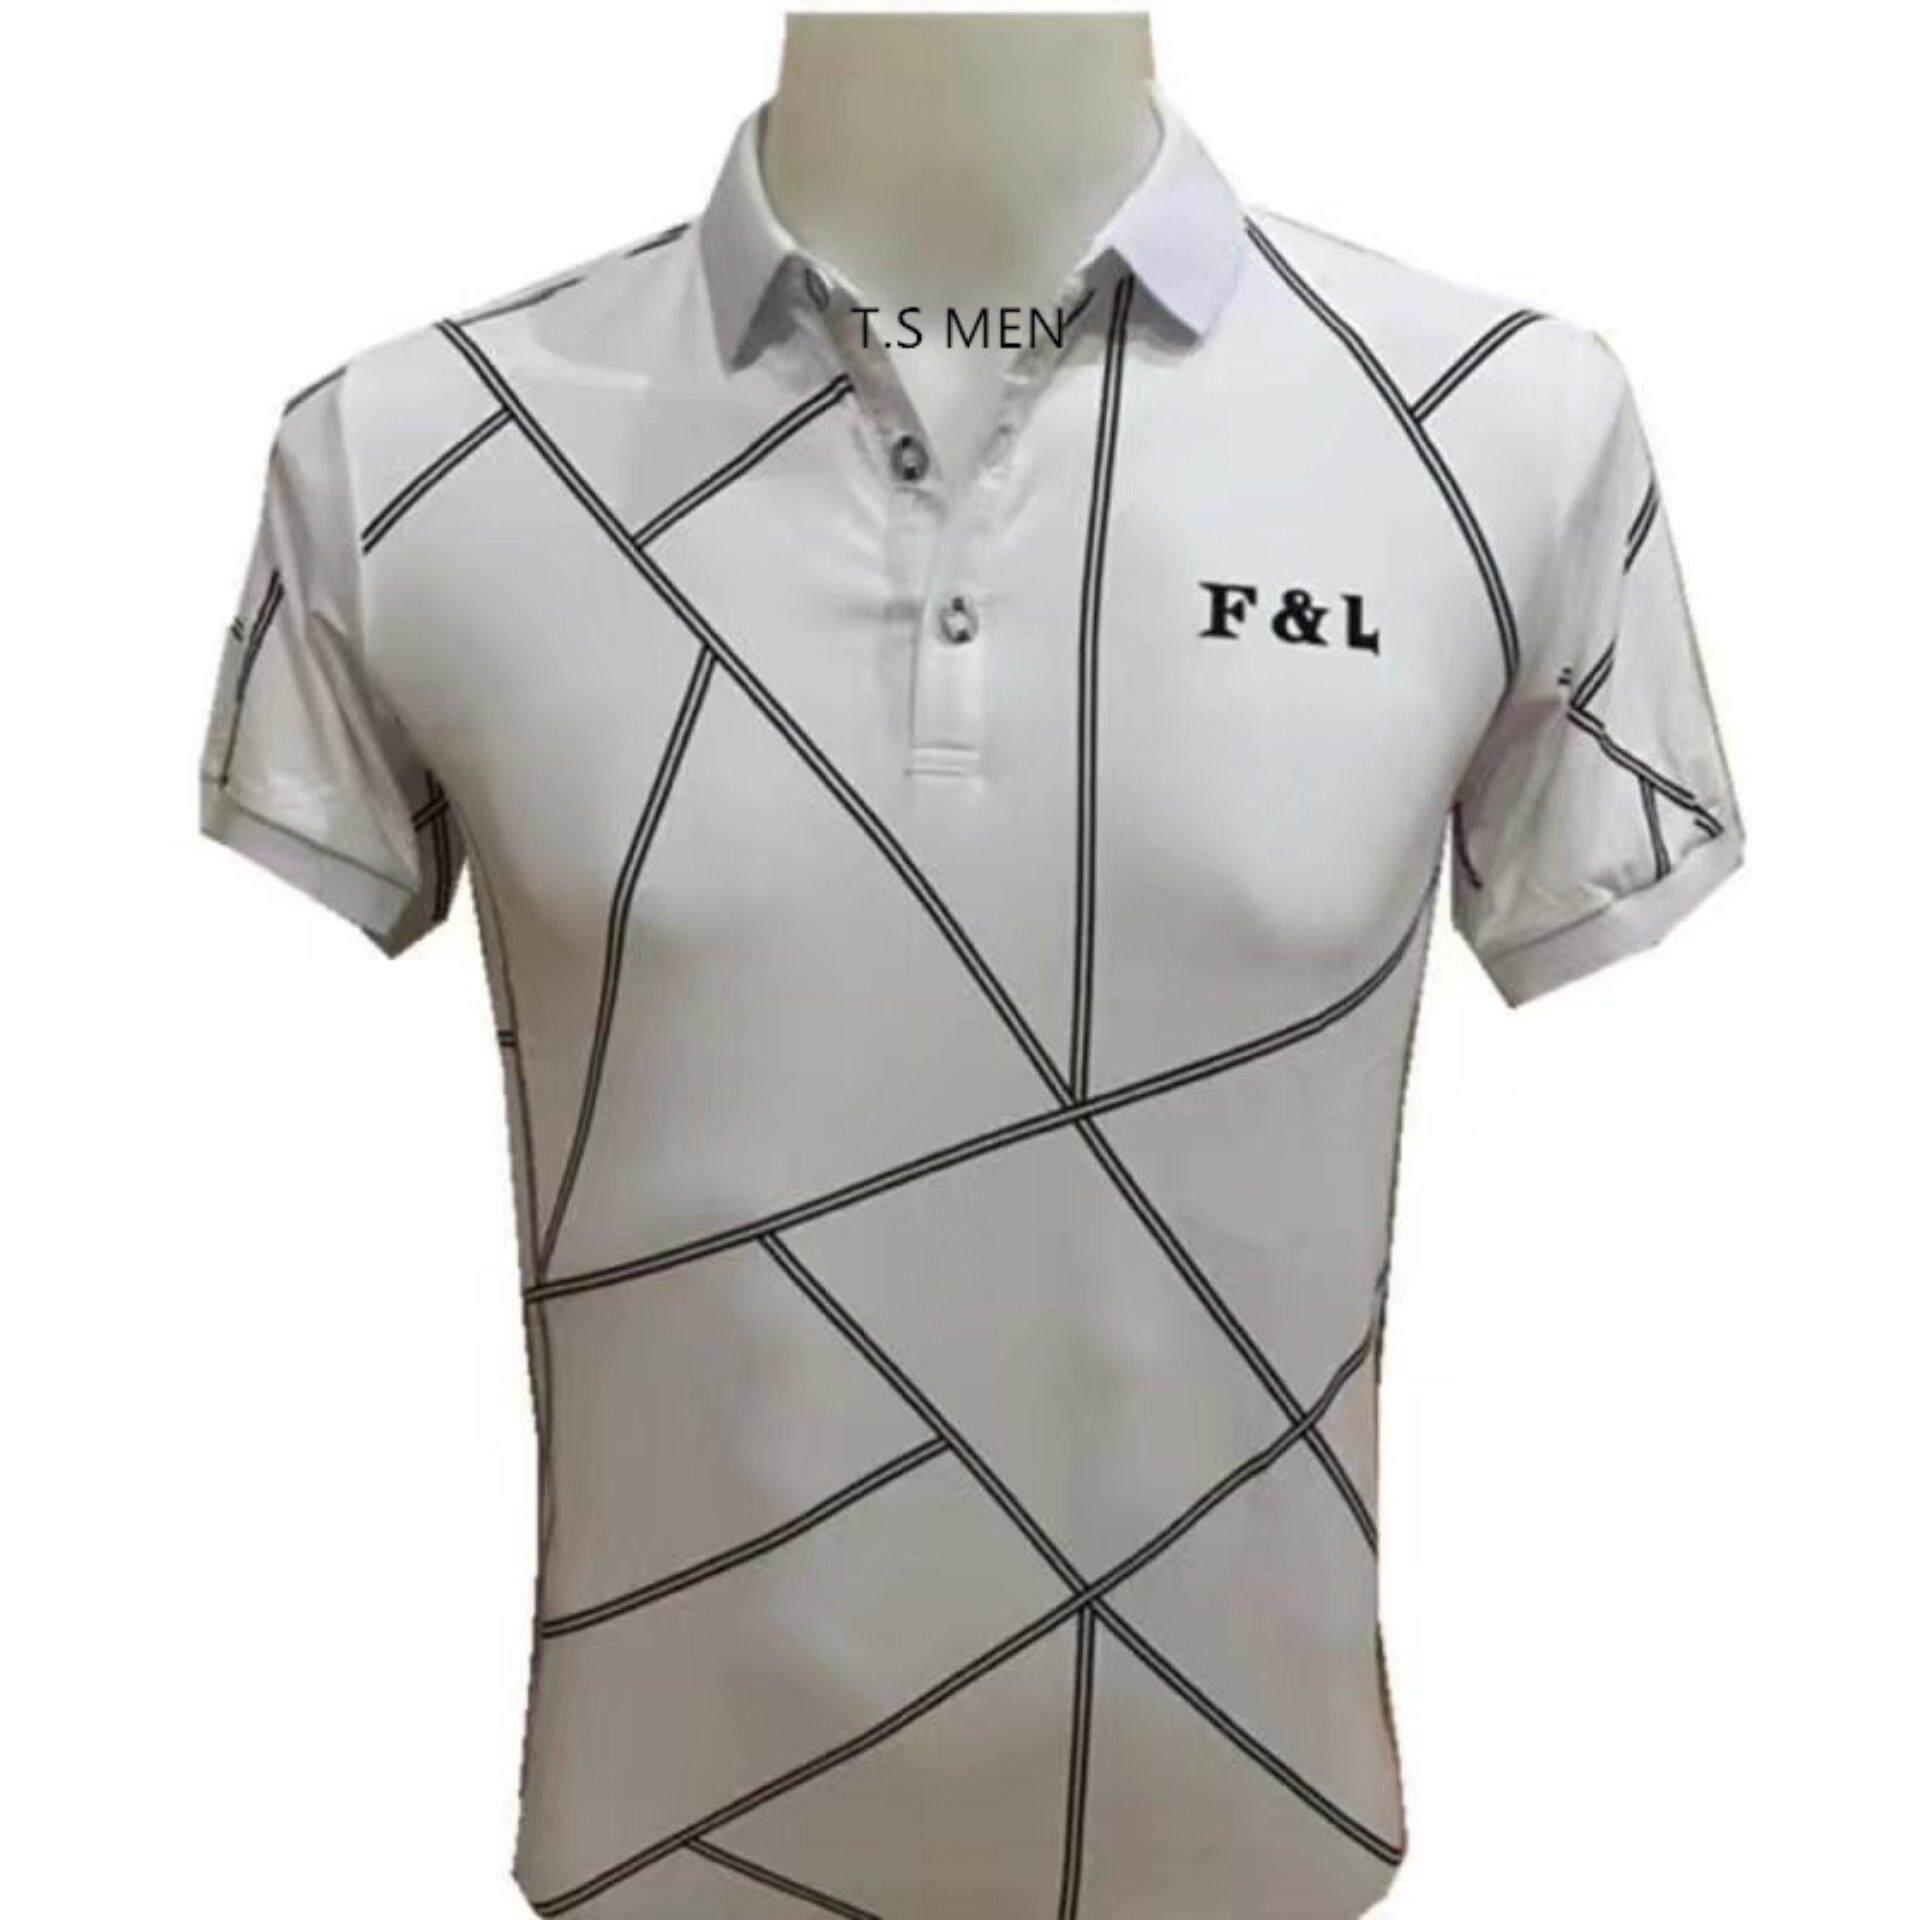 ขาย เสื้อยืดผู้ชายMen S T Shirtเสื้อยืดแฟชั่นผู้ชาย Polo Shirtเสื้อโปโล ใน กรุงเทพมหานคร